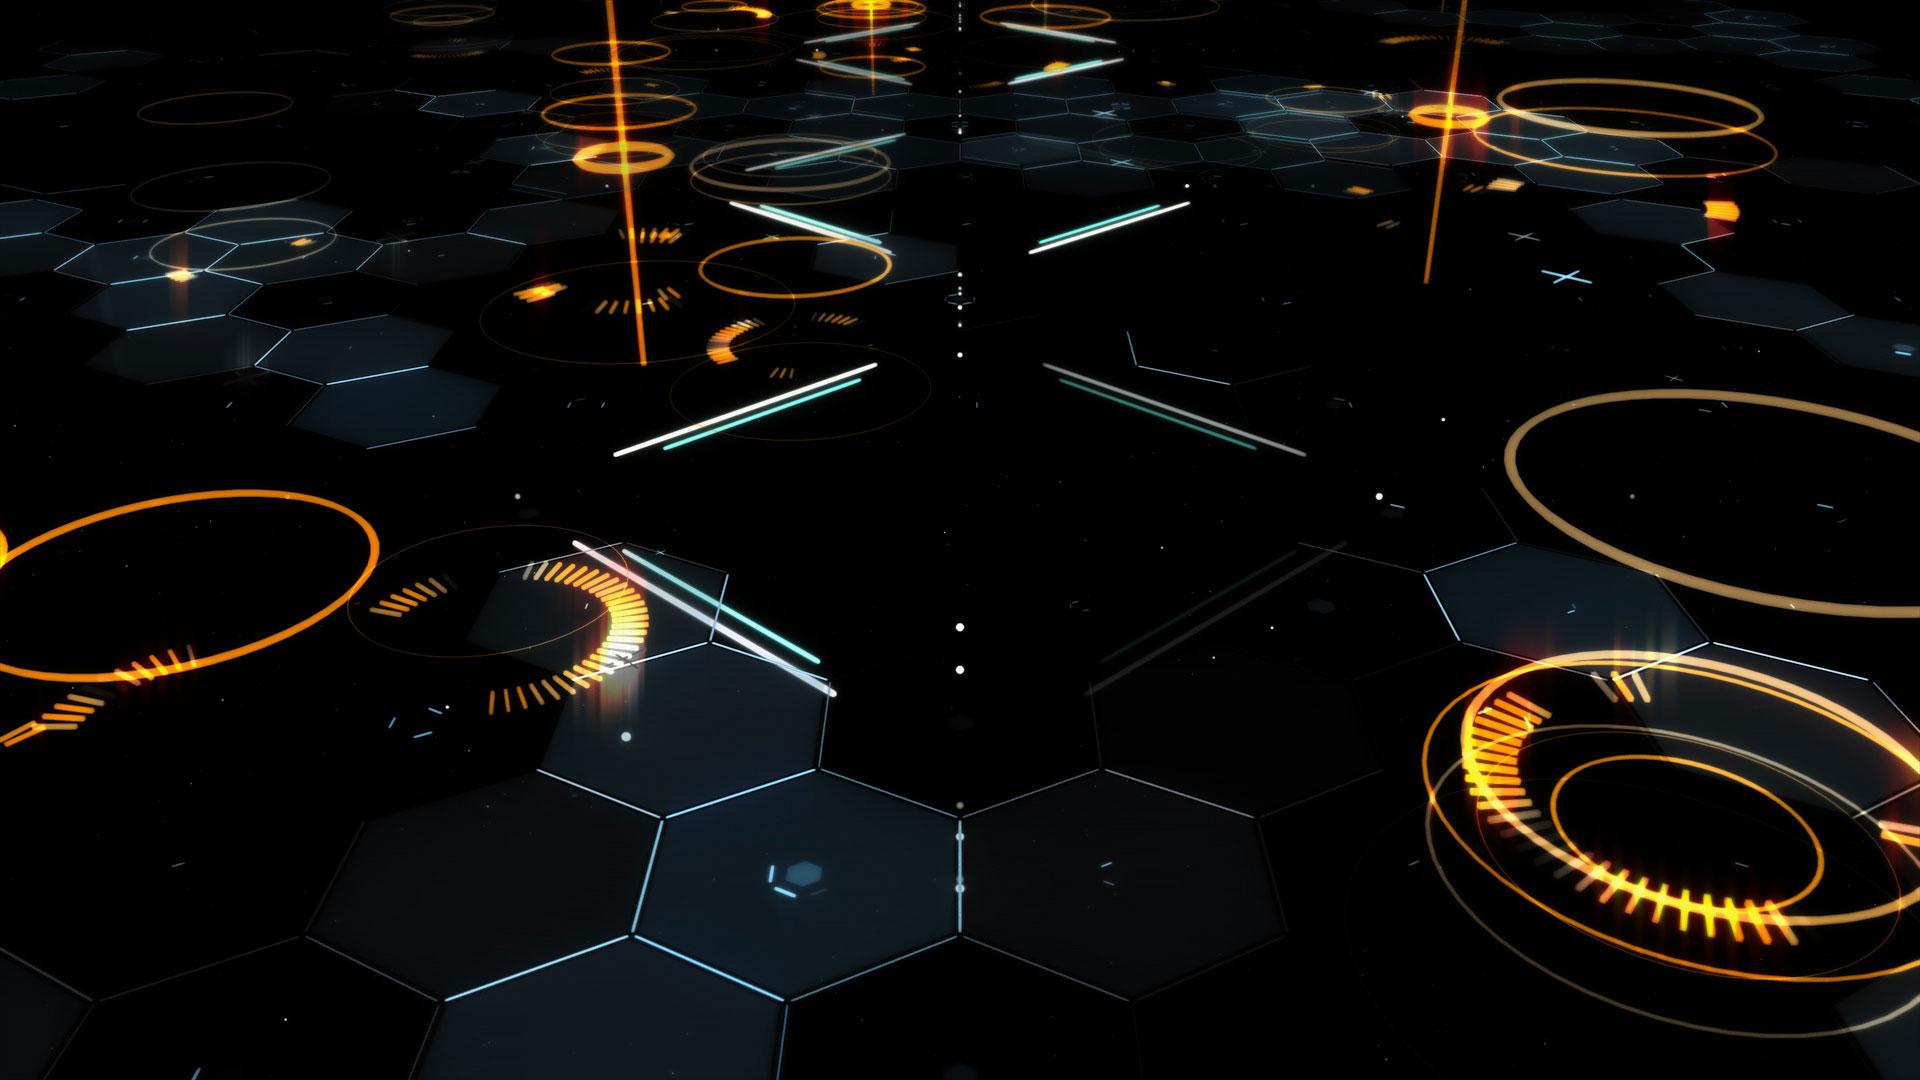 KZ_Cyberspace_20_Still003